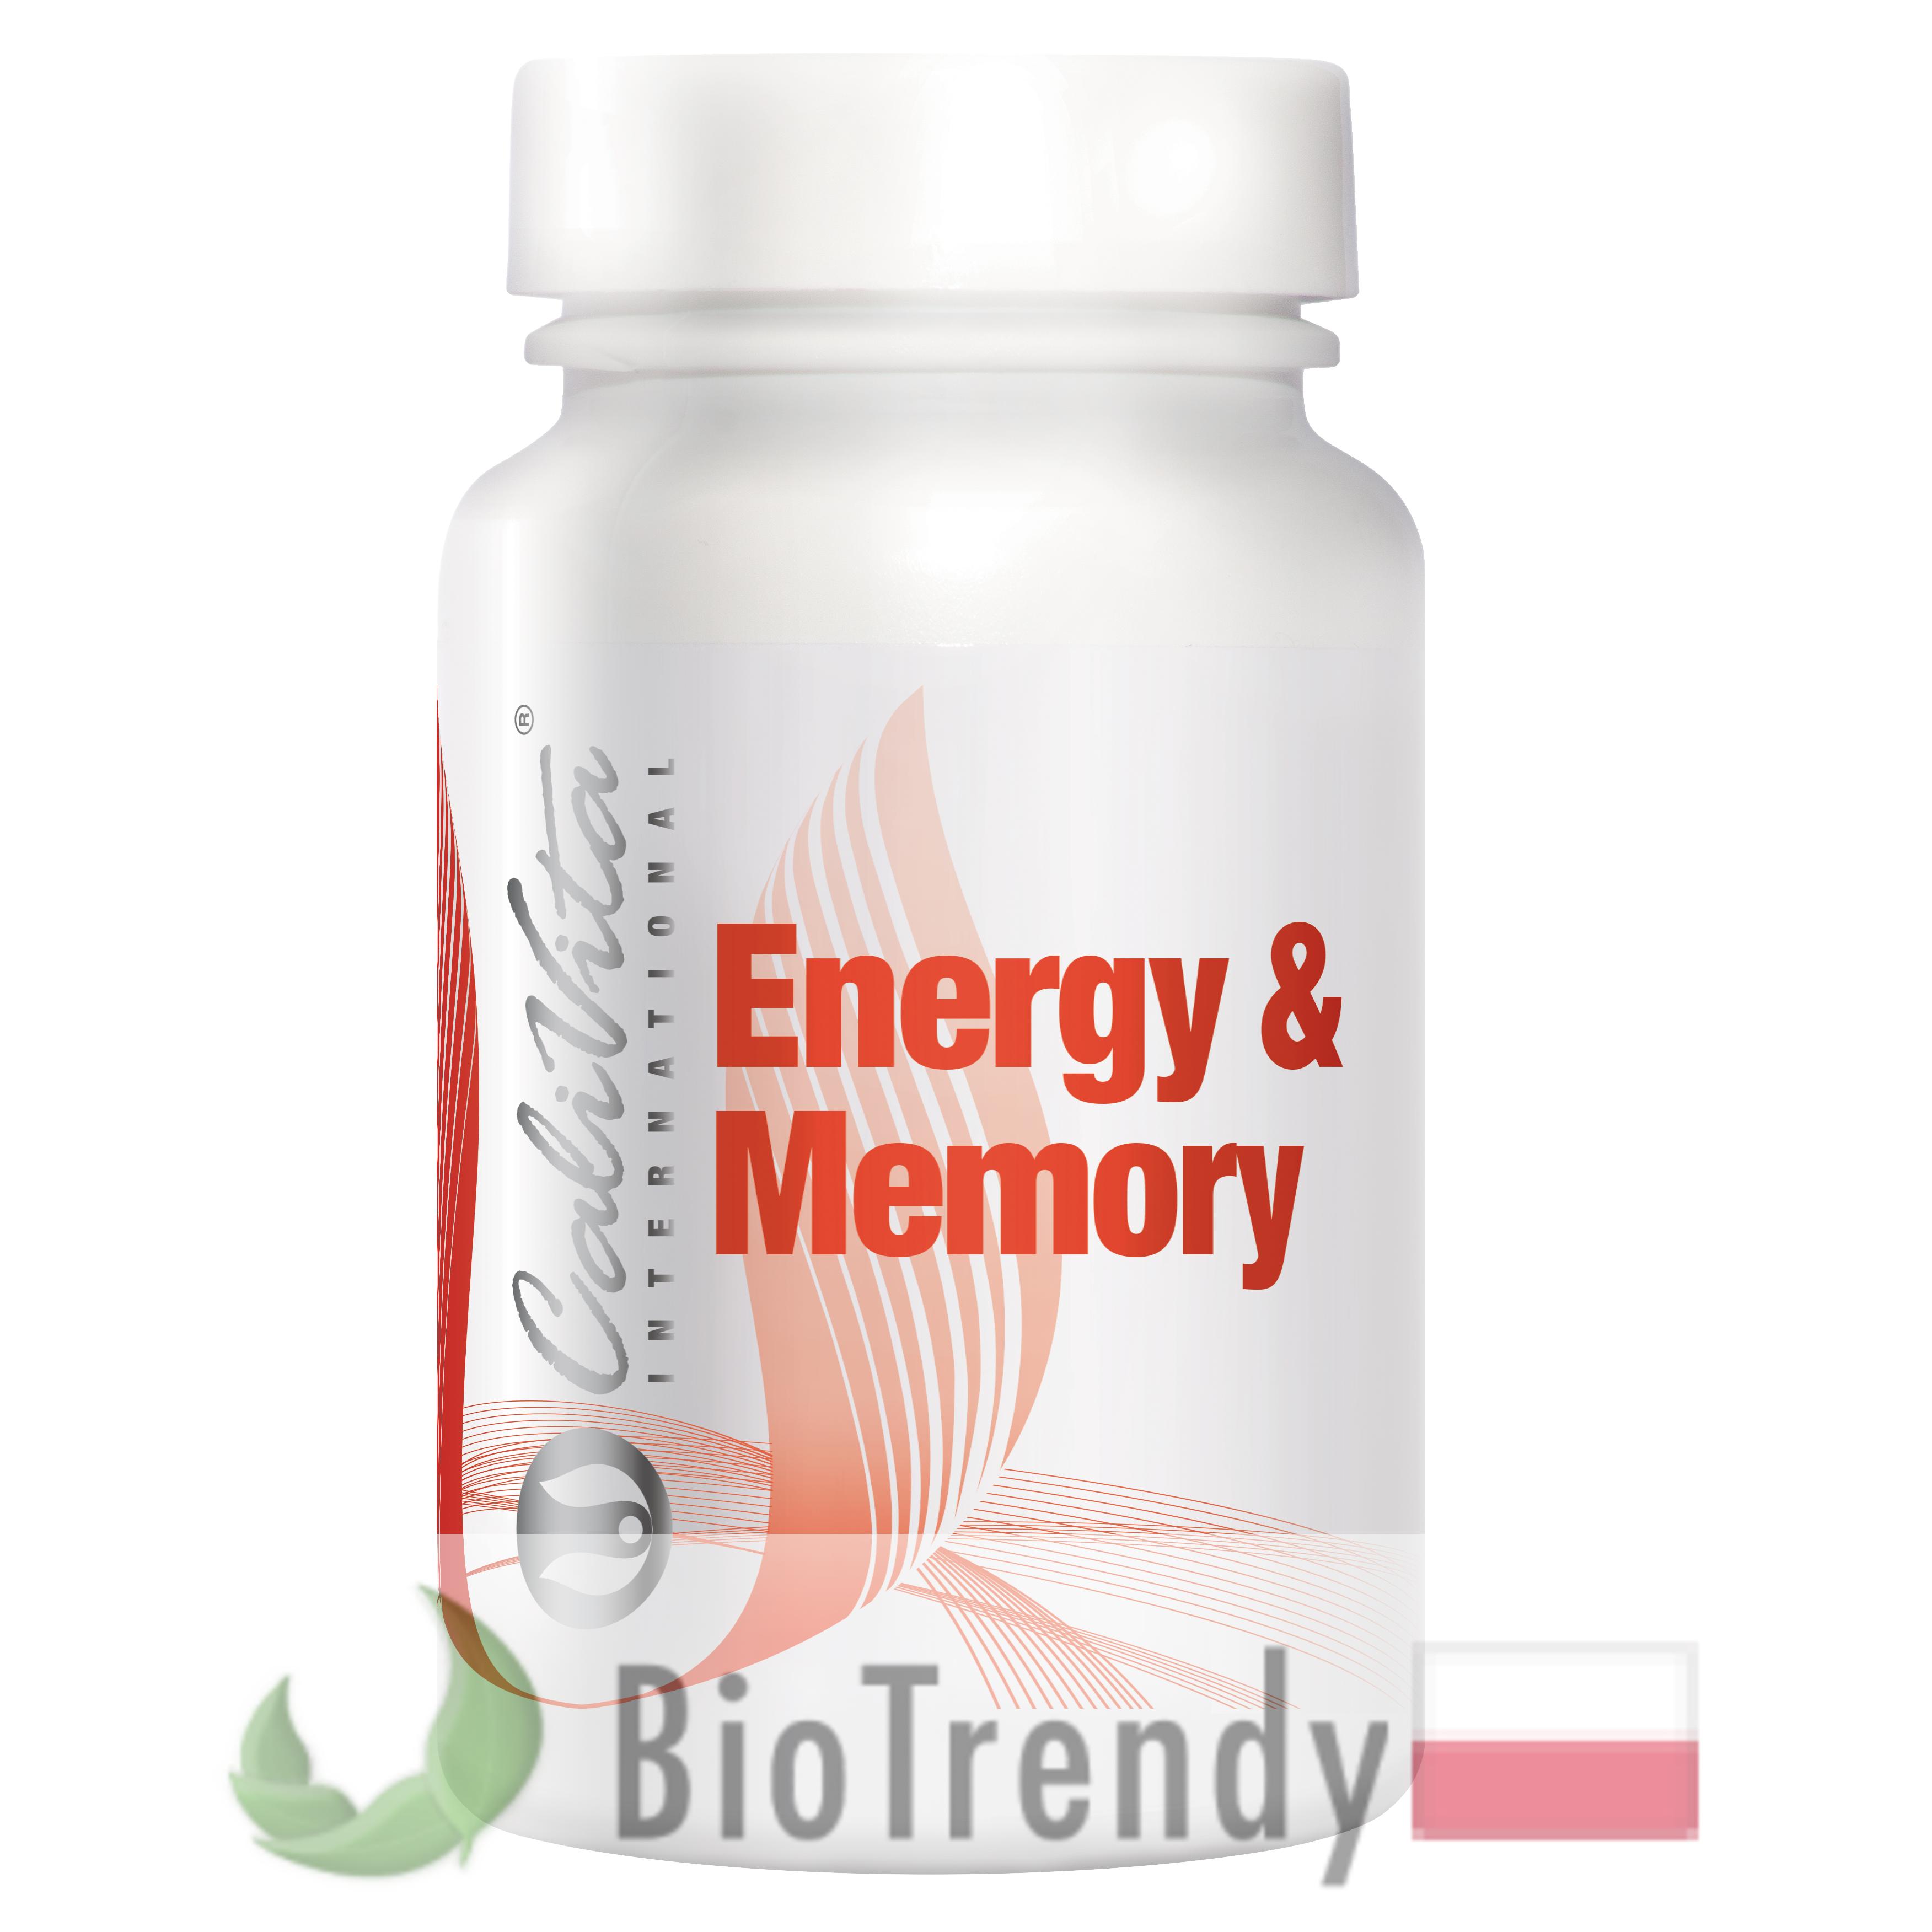 Ukła nerwowy - Problemy z pamięcią - Zaburzenia pamięci - koncentracja - tabletki na koncentracje - tabletki na pamięć